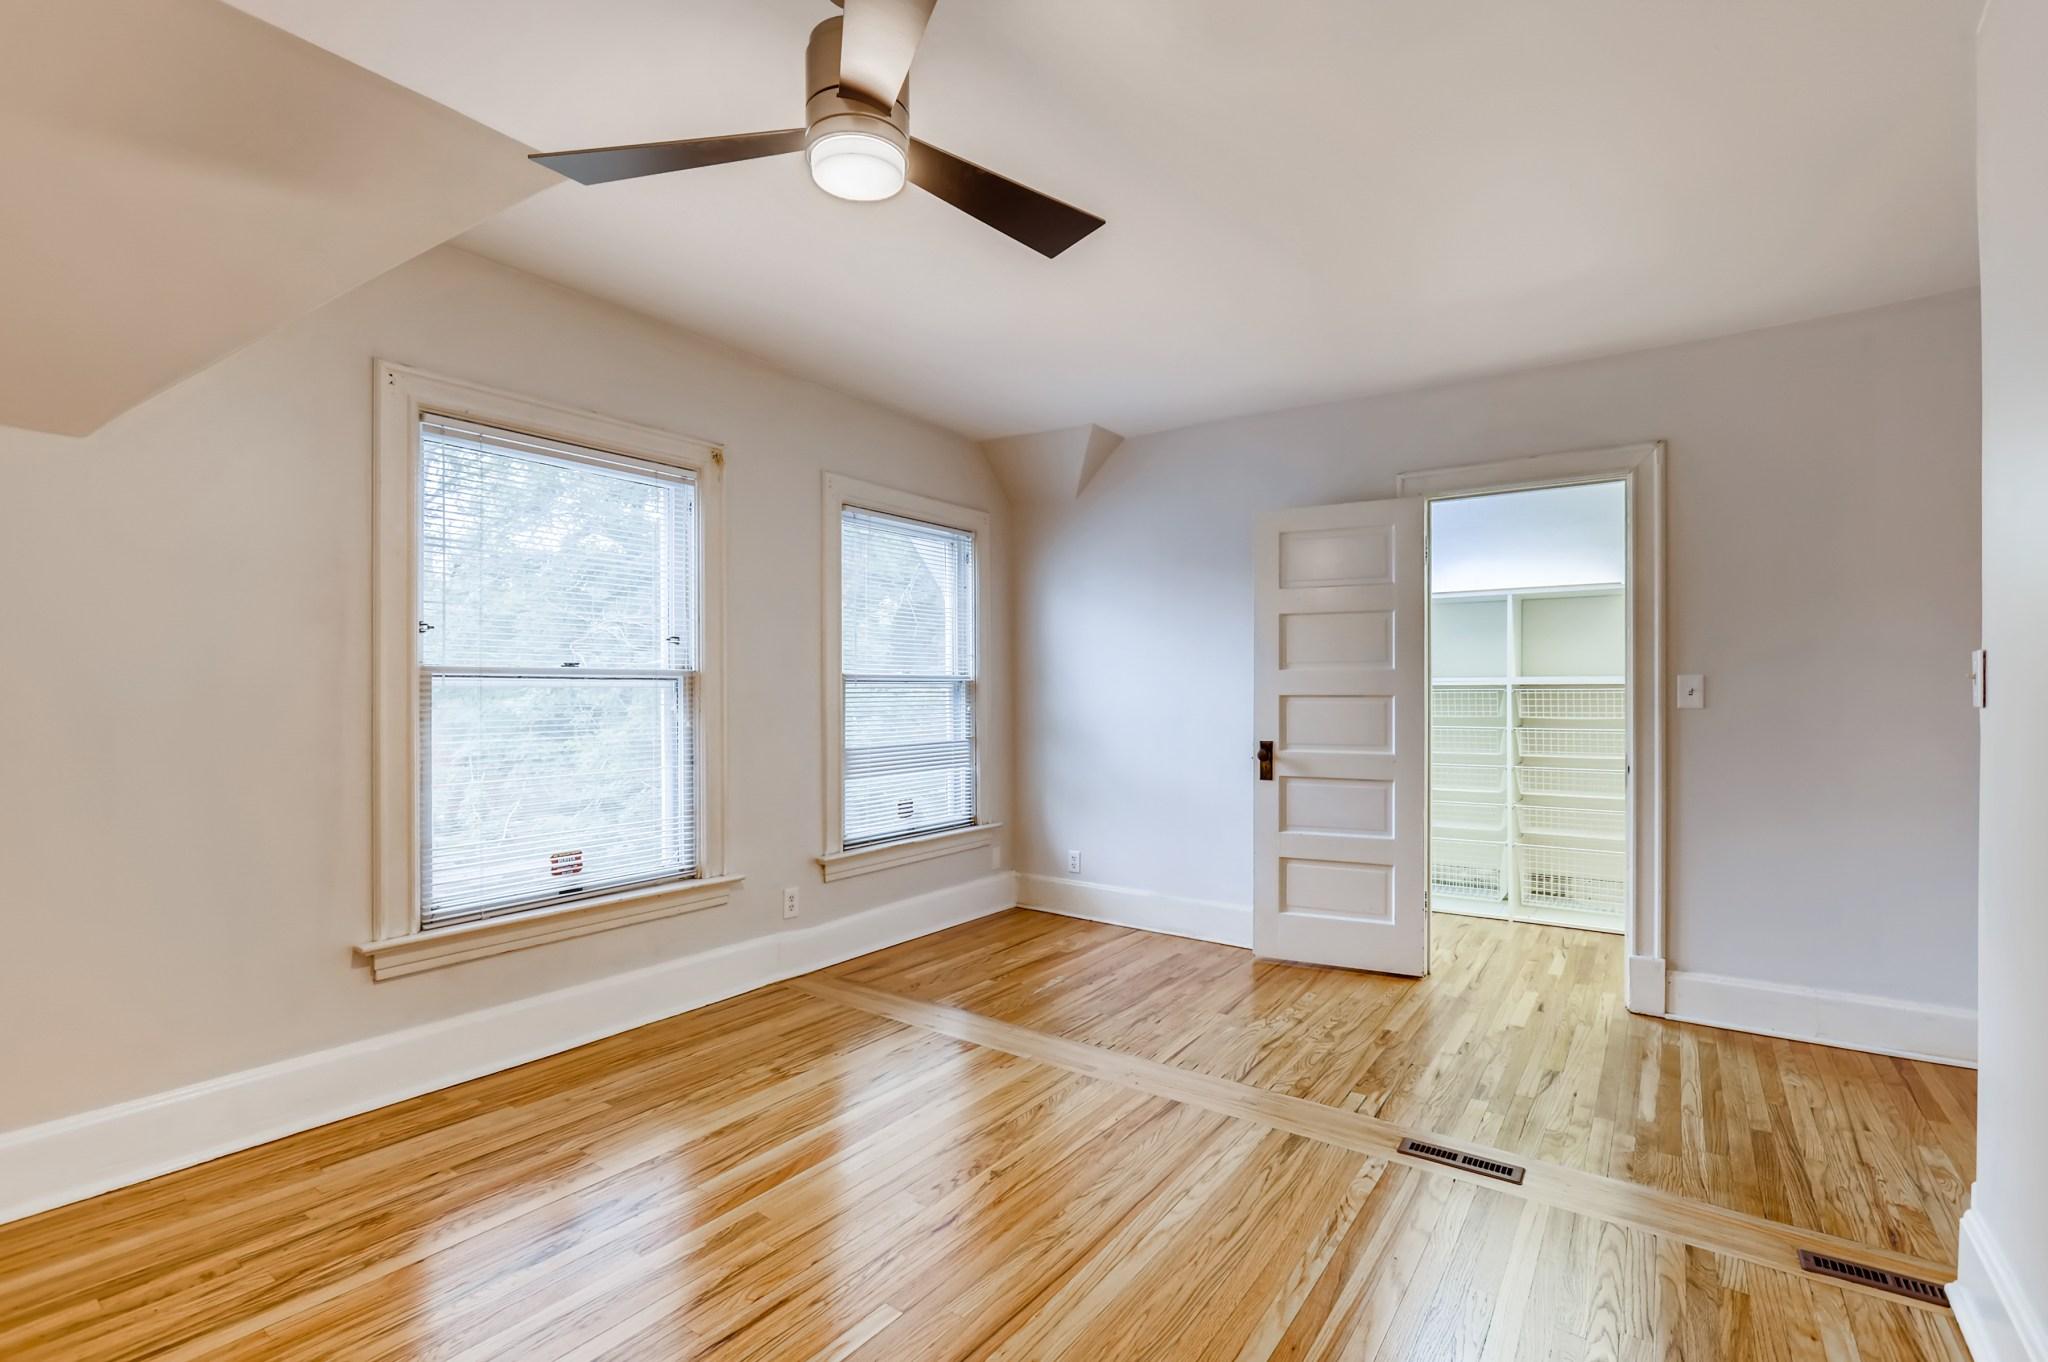 26-2nd-Floor-Primary-Bedroom